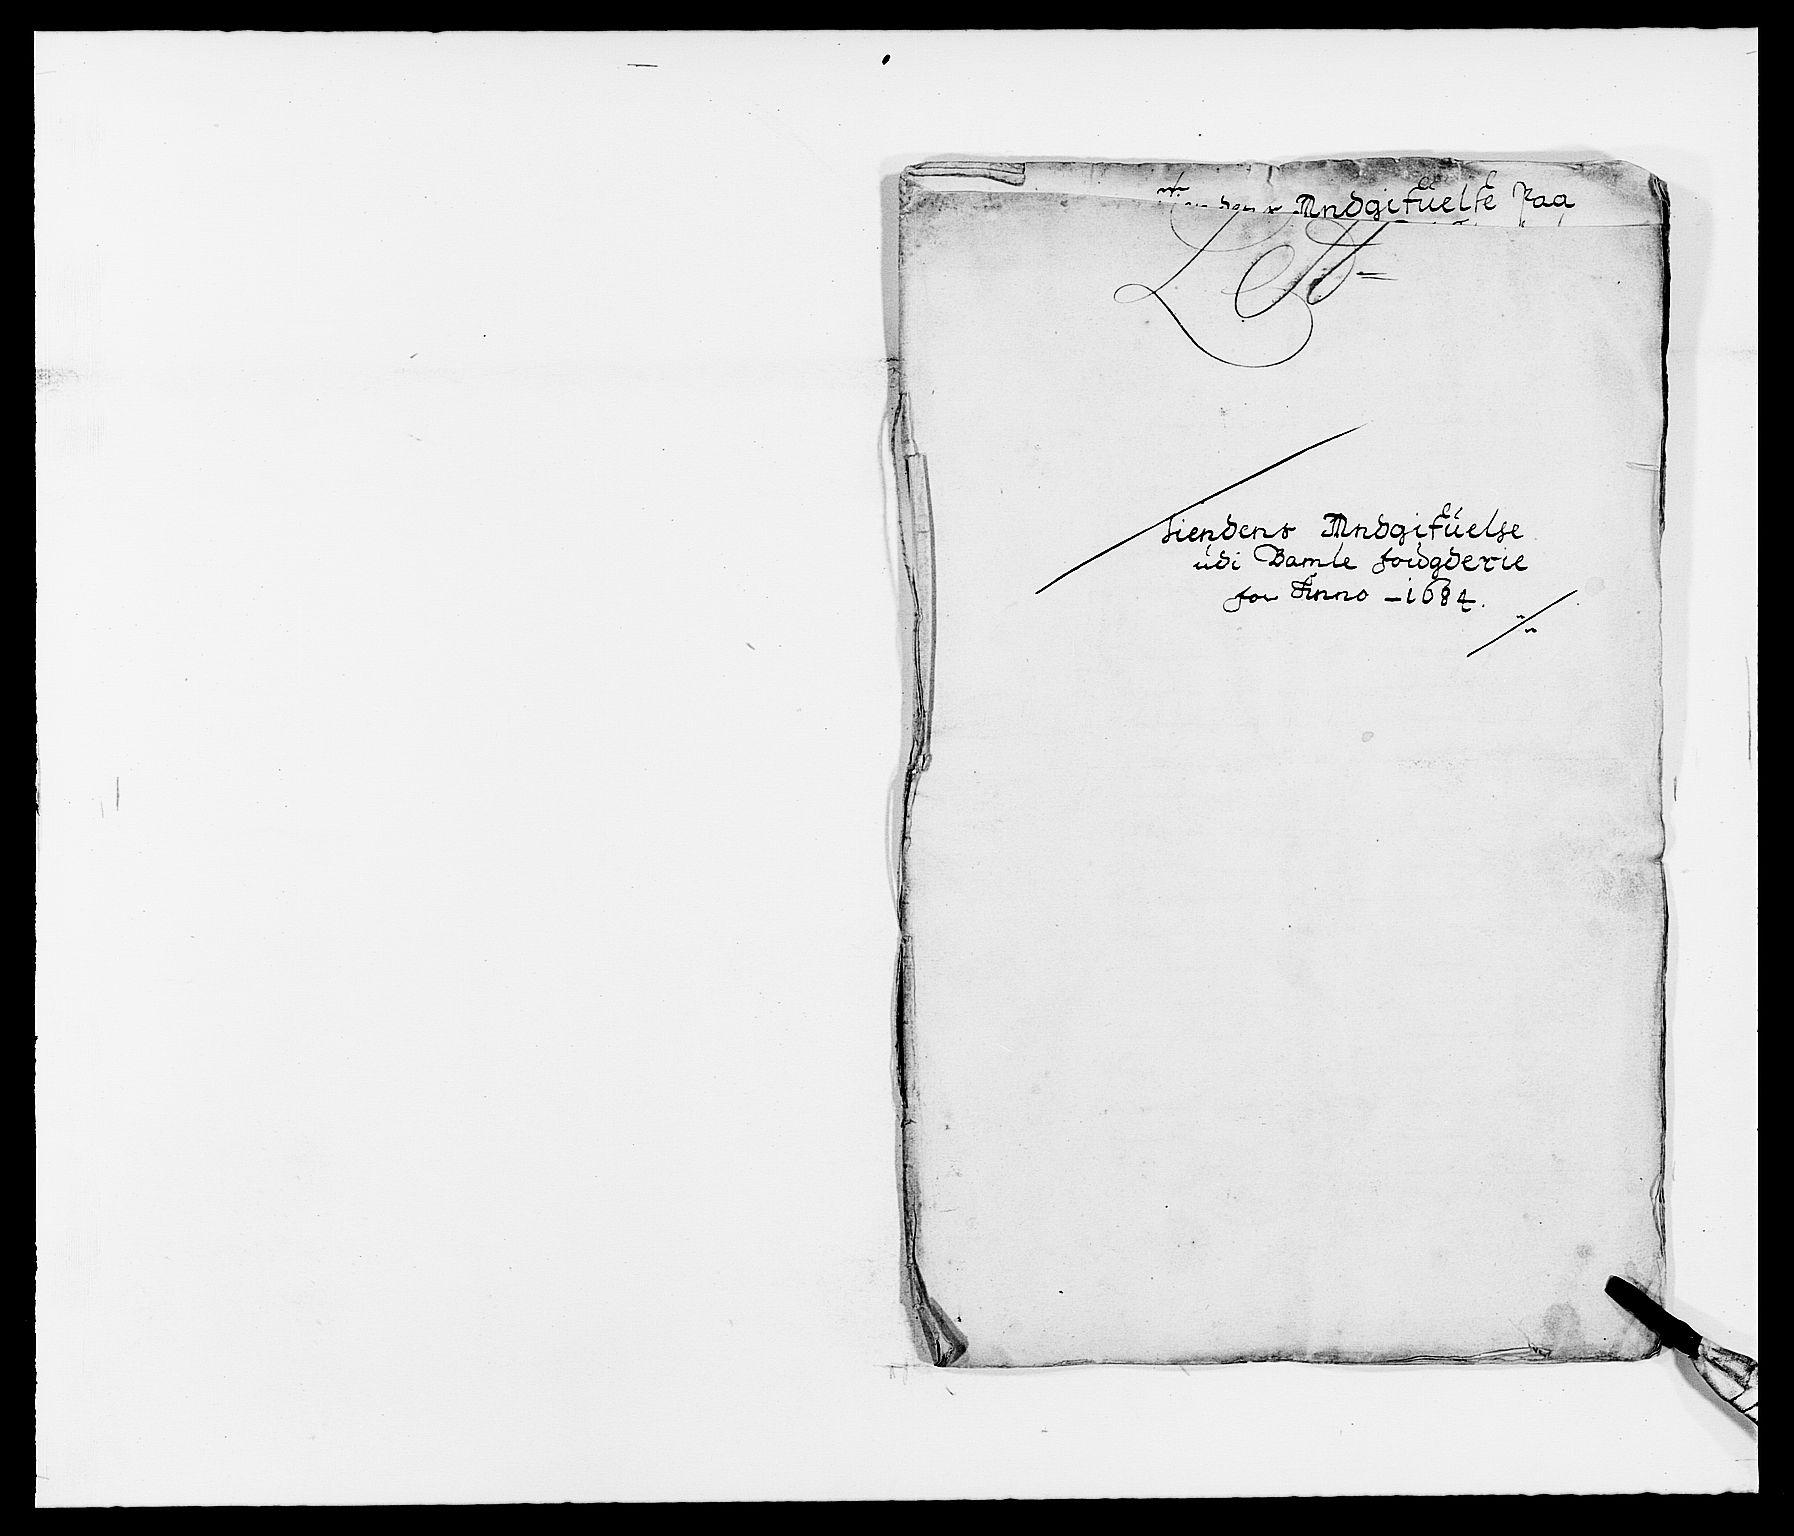 RA, Rentekammeret inntil 1814, Reviderte regnskaper, Fogderegnskap, R34/L2047: Fogderegnskap Bamble, 1684, s. 5